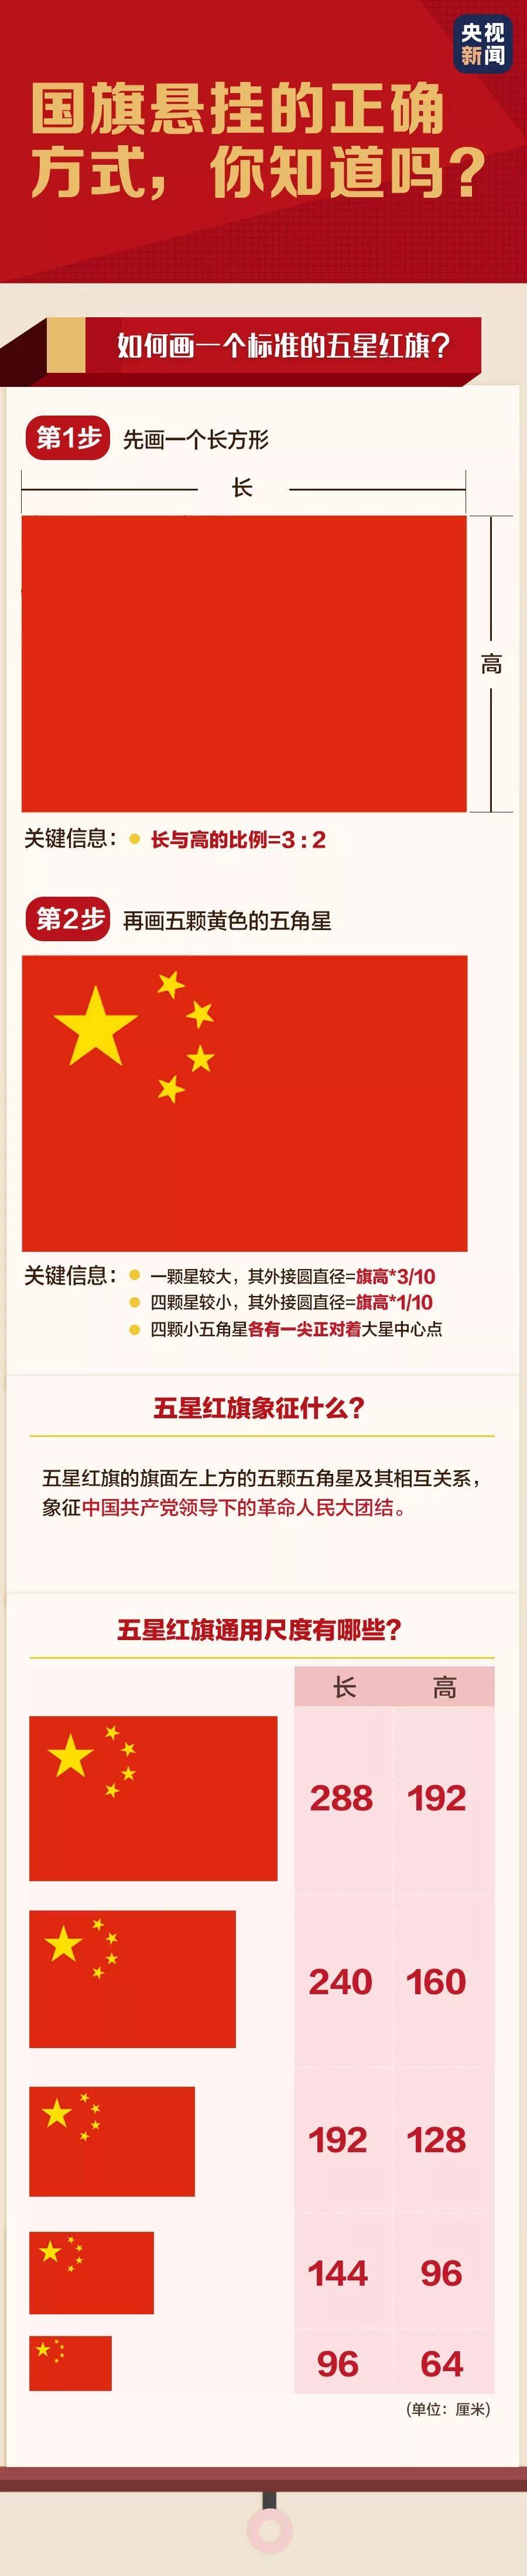 人民日报:香港暴徒再生事 这样的暴行还要容忍吗?